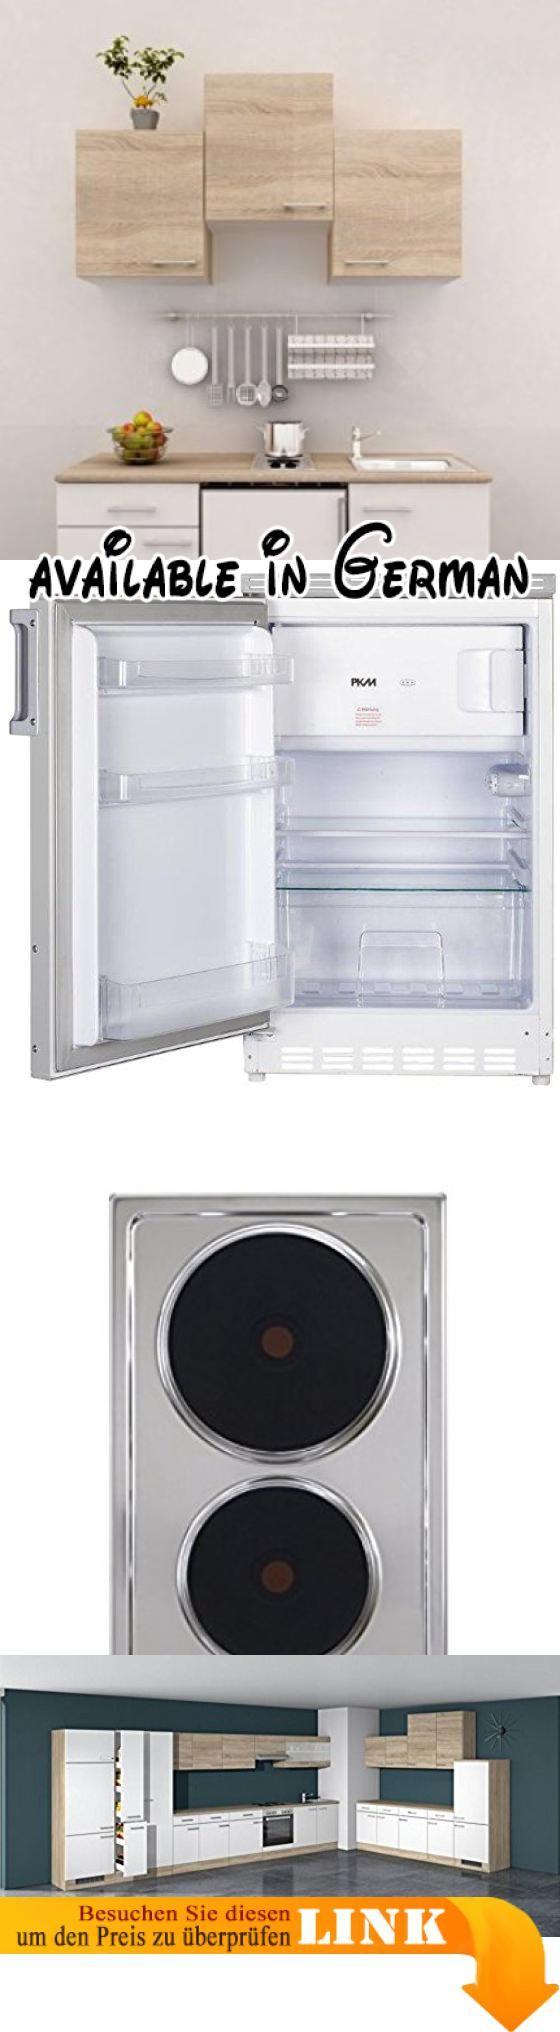 B01C50R0T6 : Singleküche 150 cm breit Weiß Sonoma Eiche mit Geräten ...